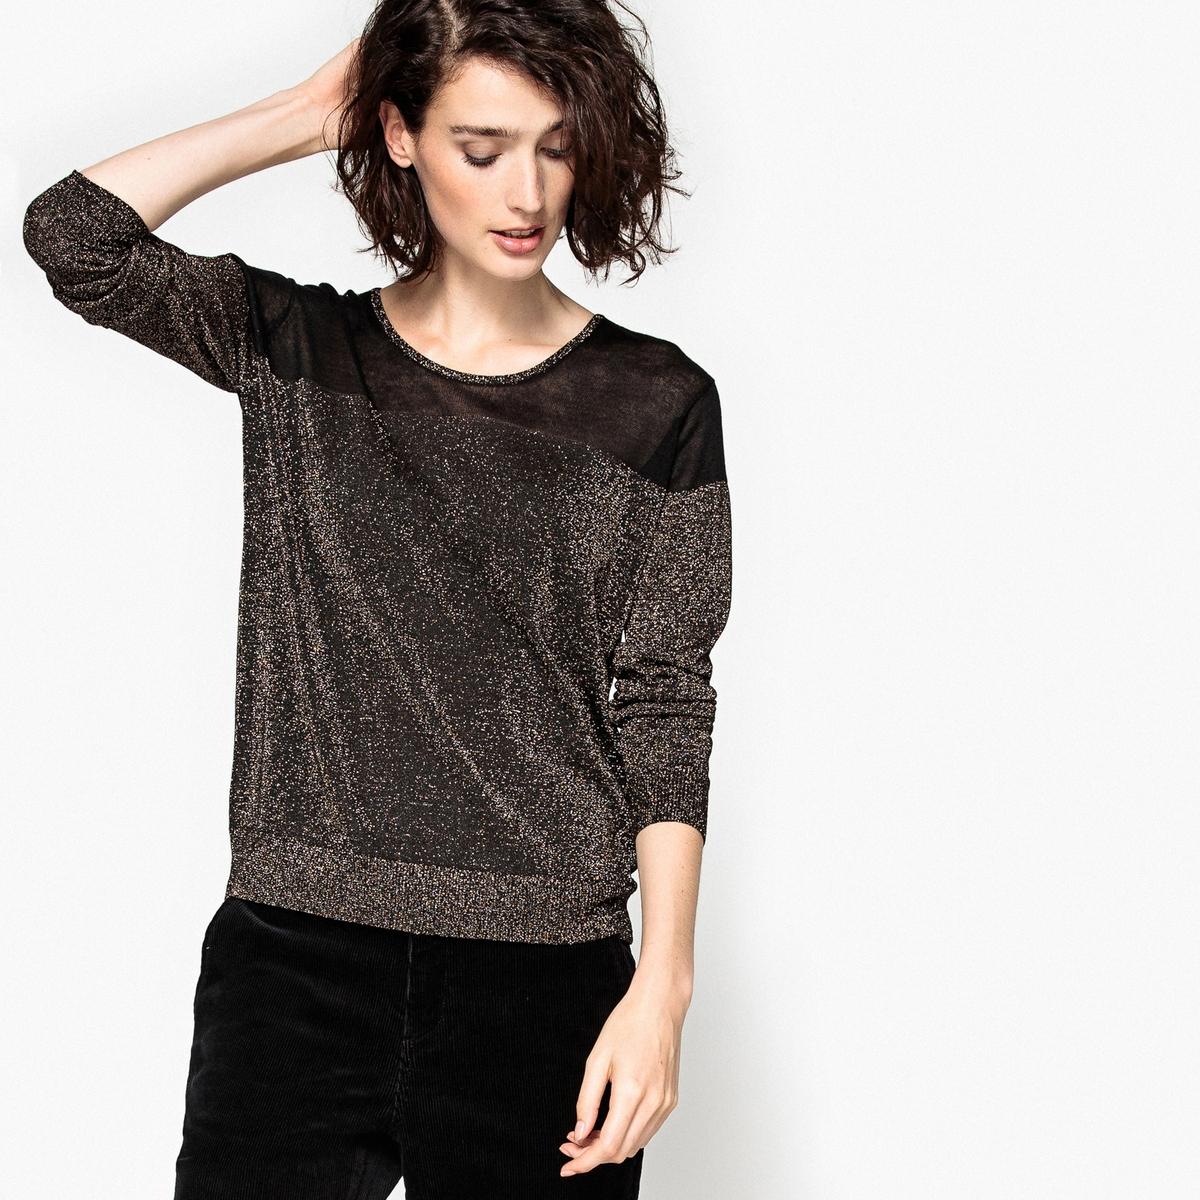 Пуловер с металлизированными нитями, из вискозы